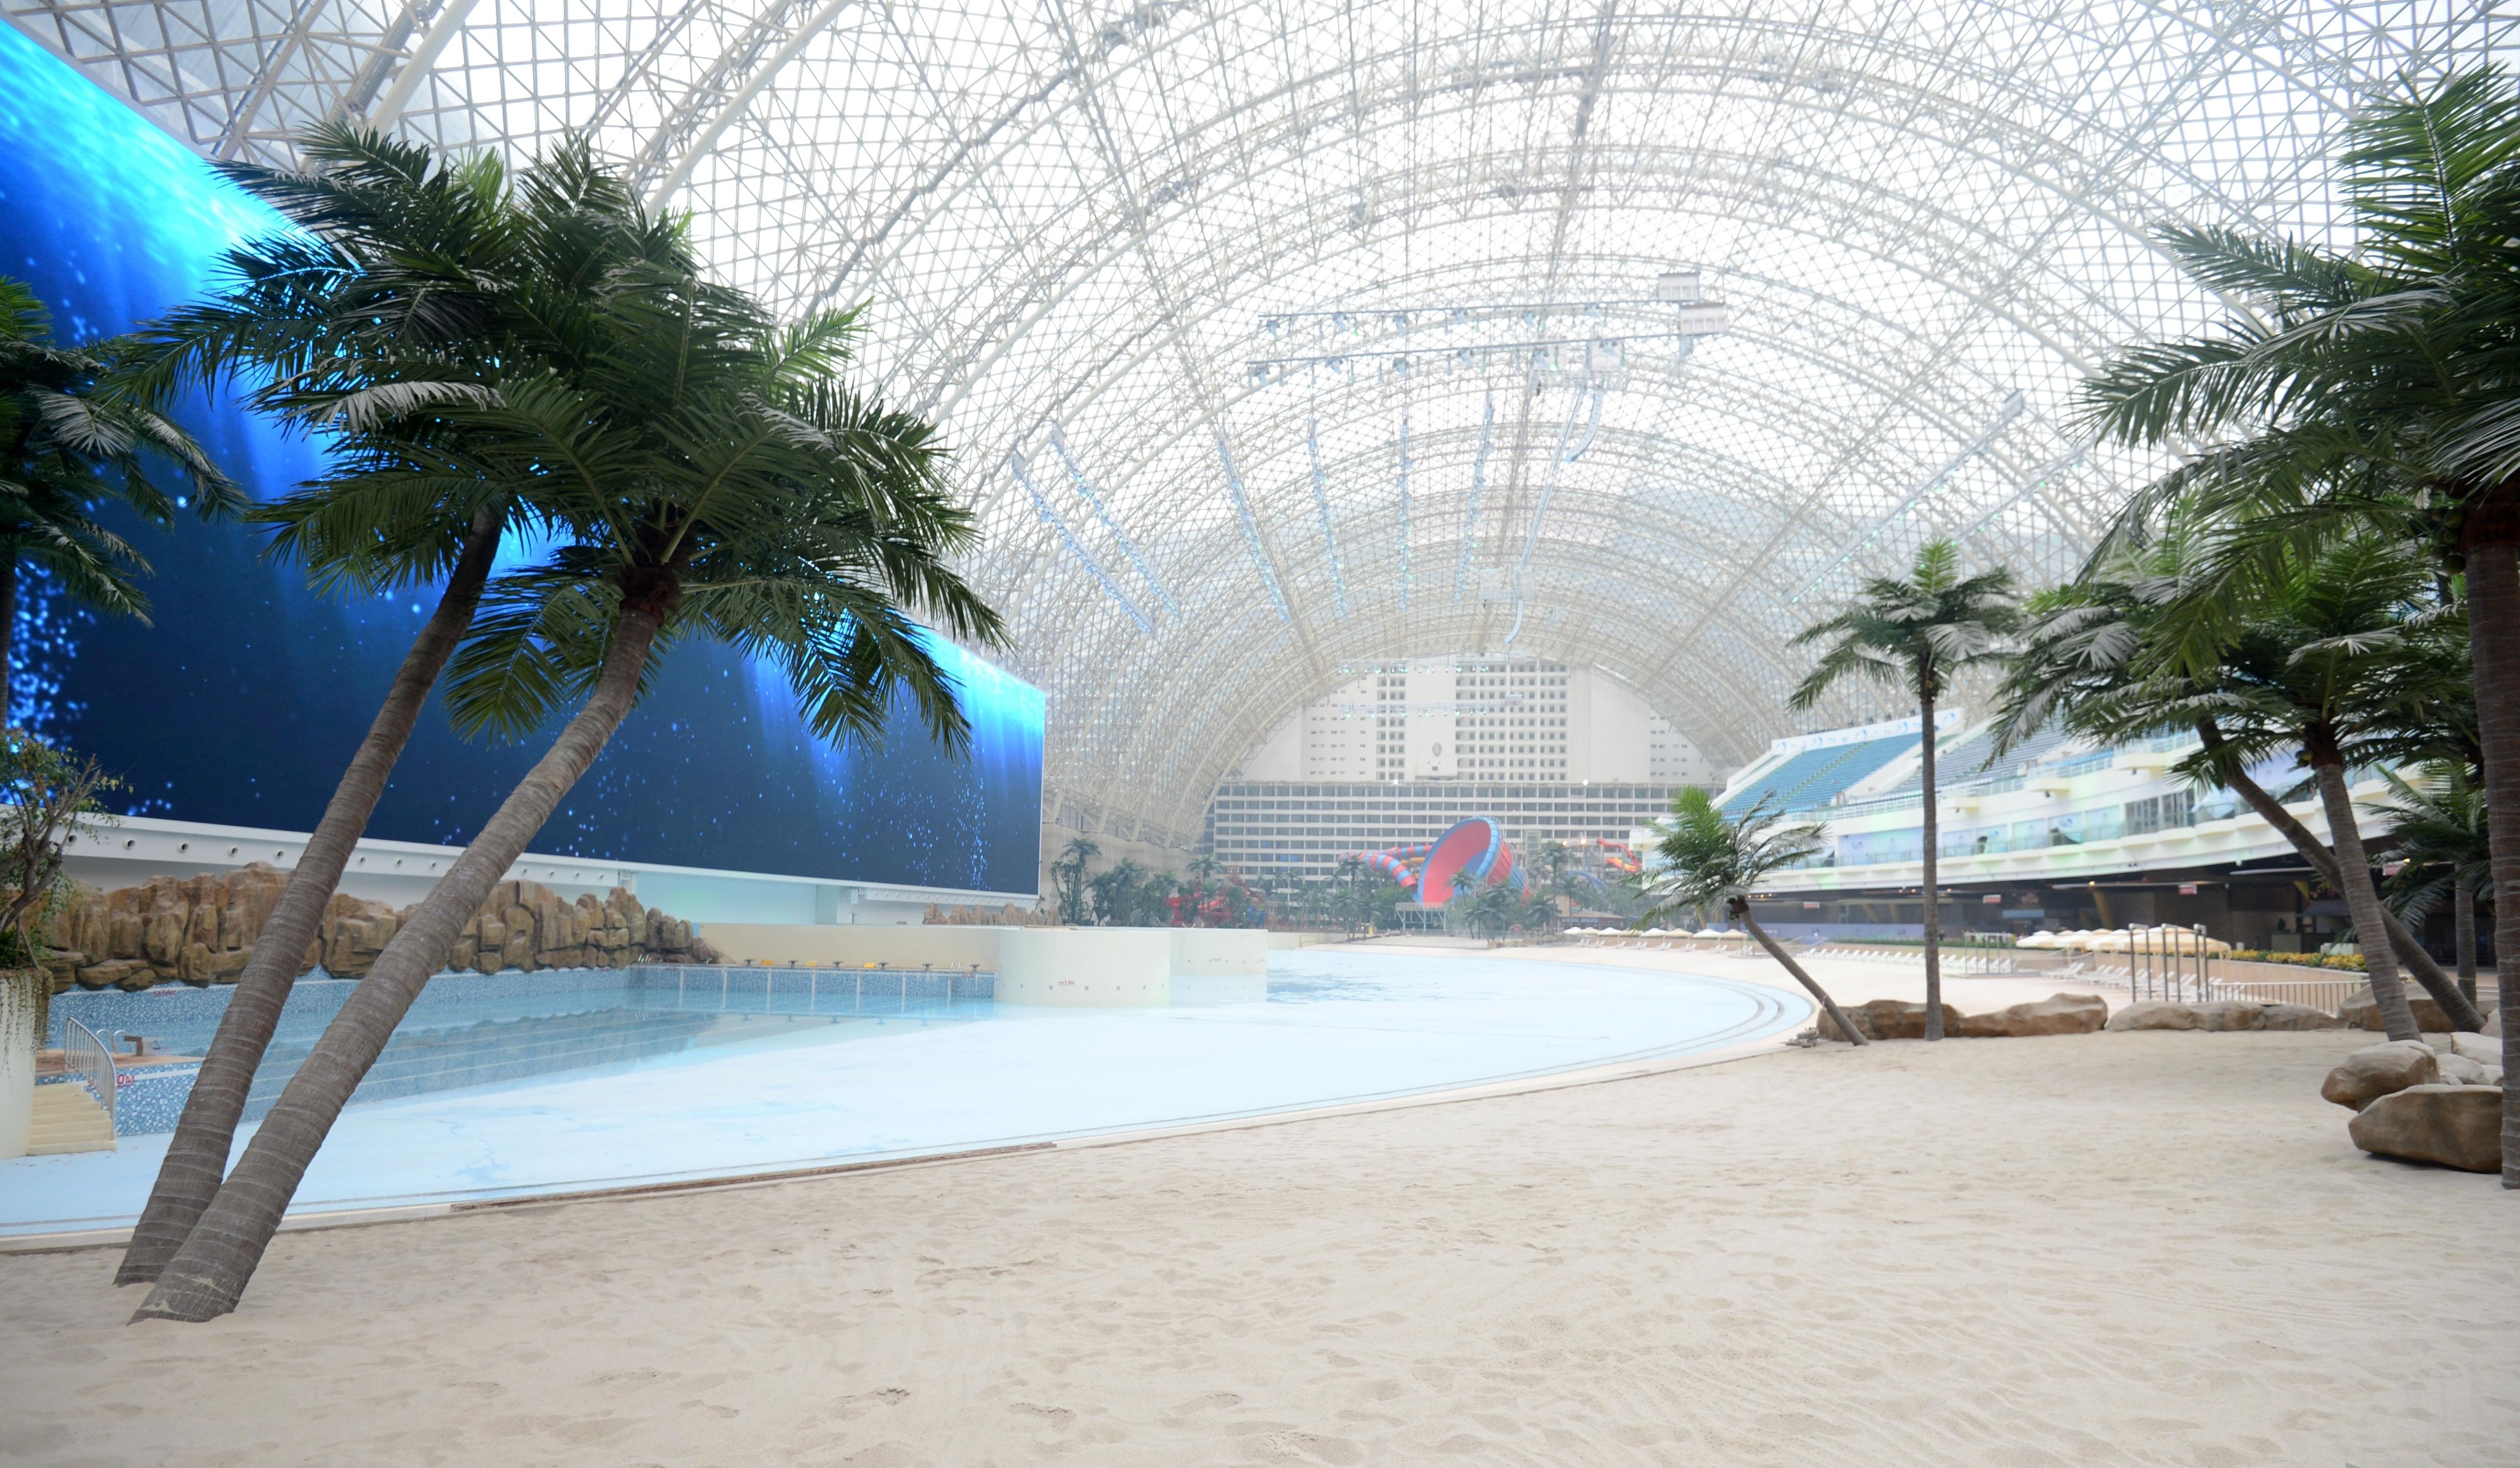 Ваканционен център със собствено море и Слънце